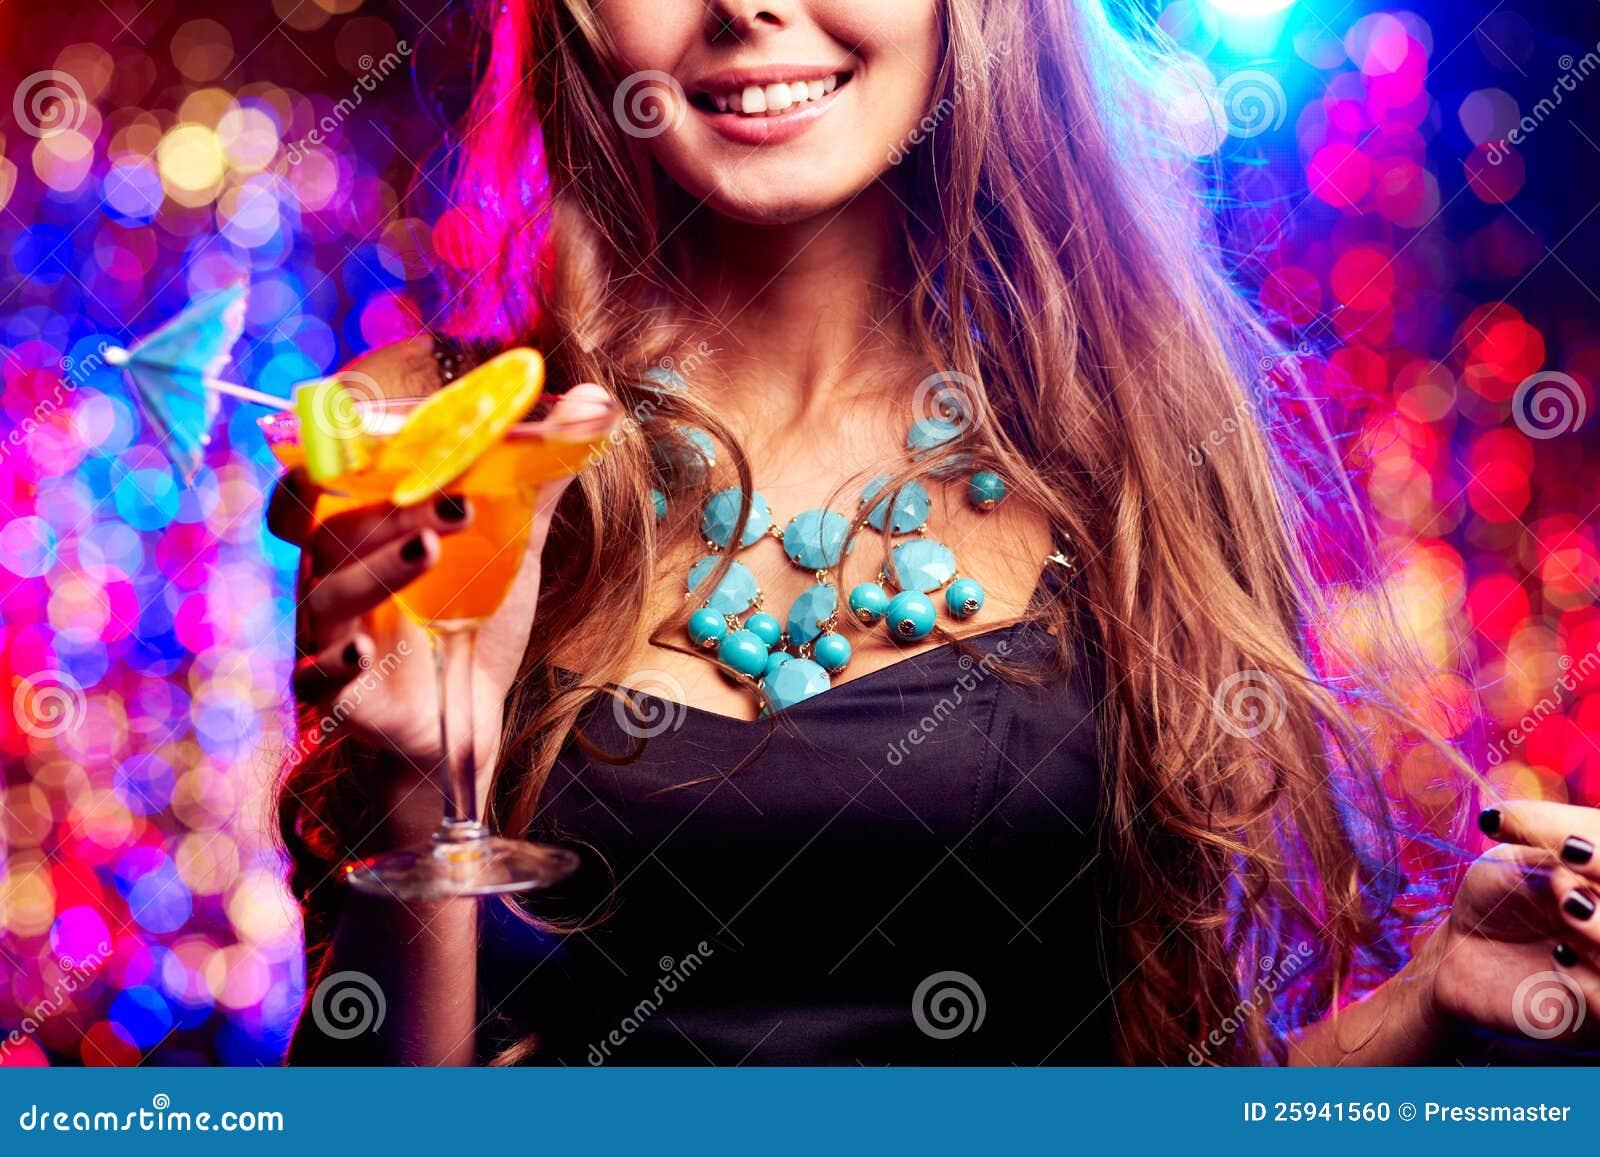 фото девушка в ночном клубе